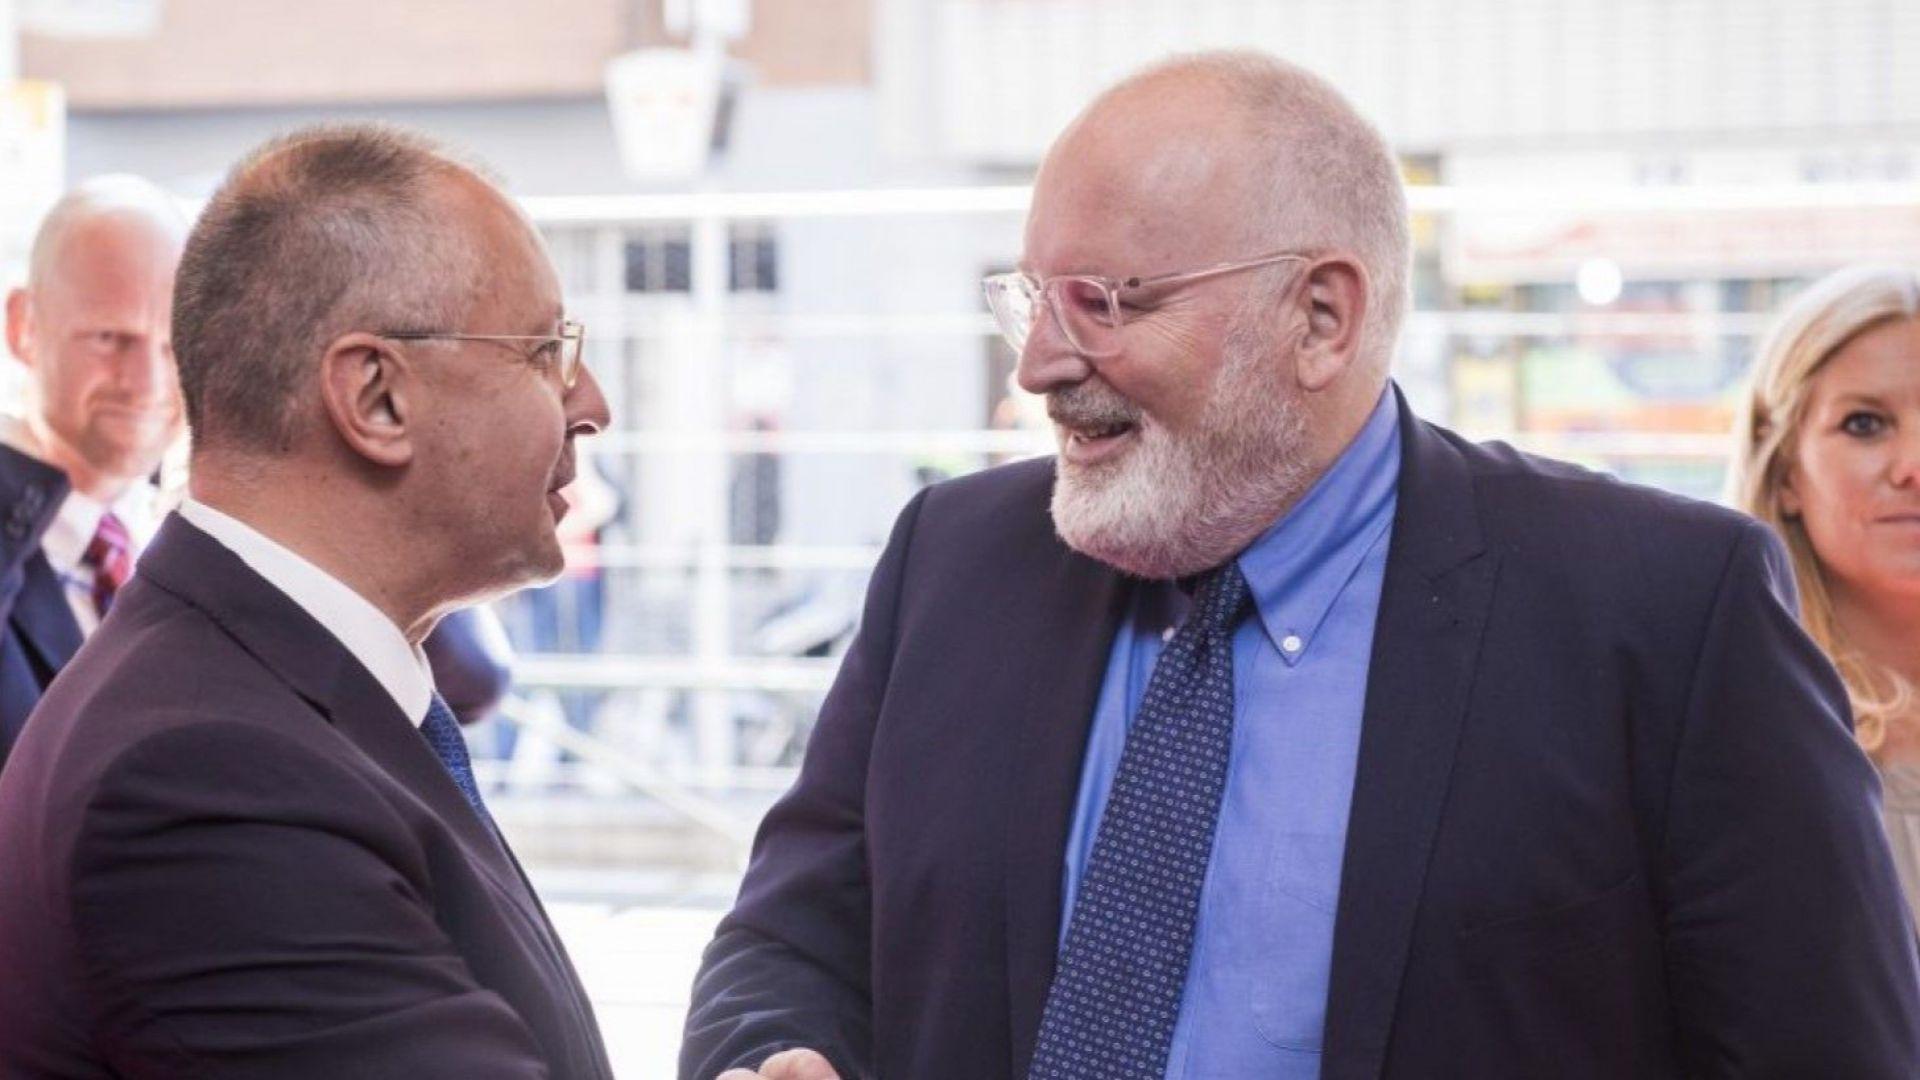 Станишев: Тимерманс шеф на ЕК - това ще е шанс за България и ново начало за Европа